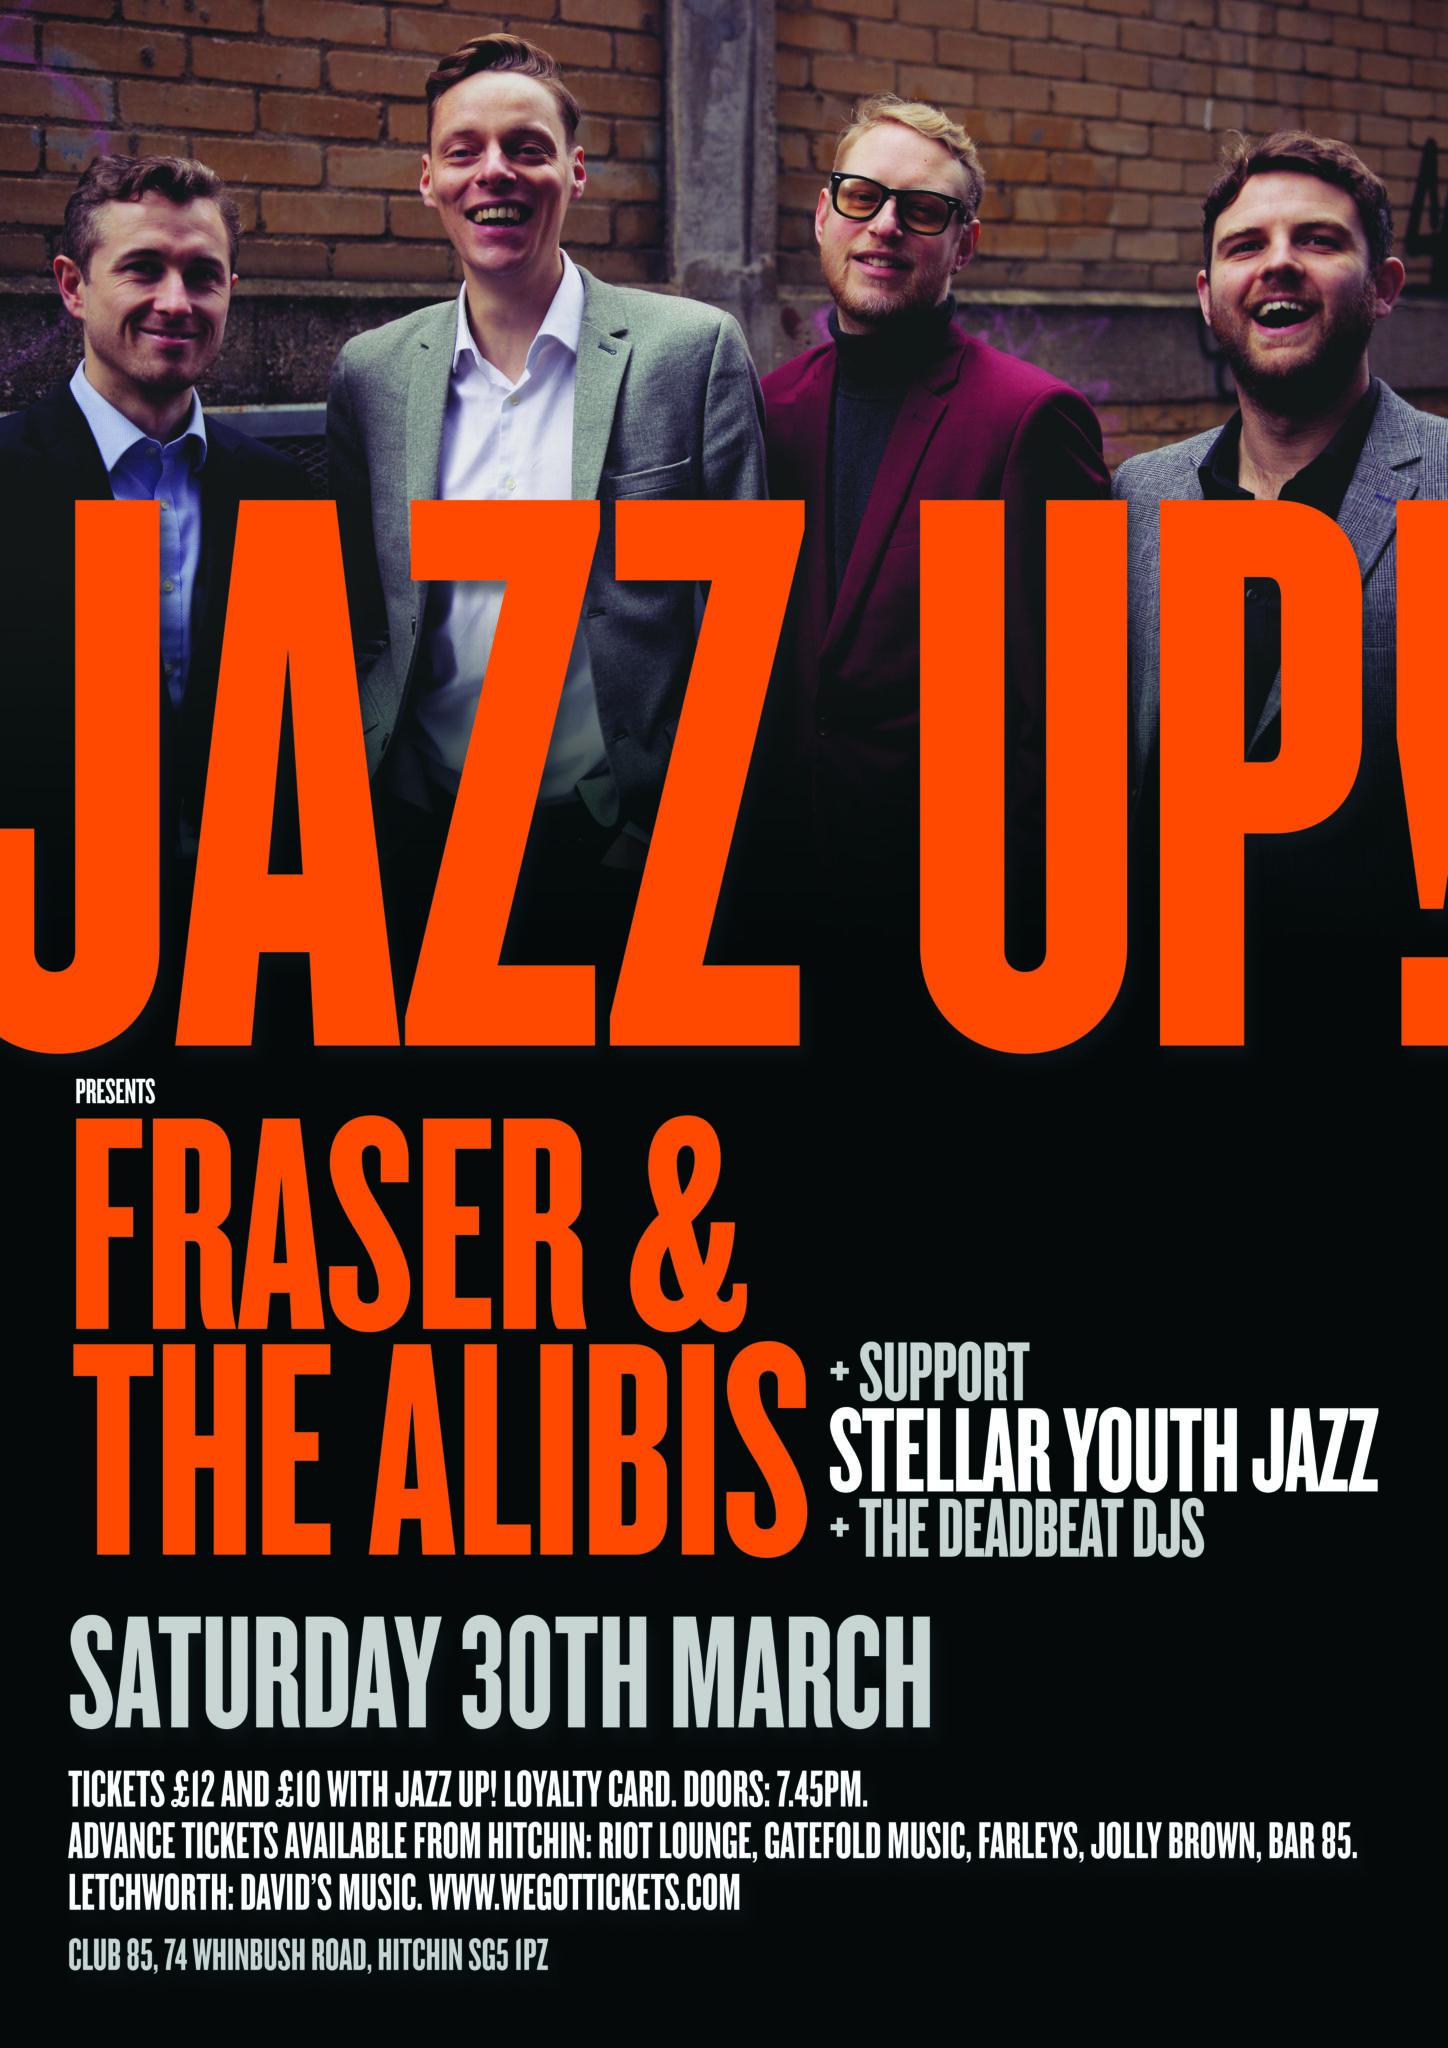 JazzUp - Fraser & The Alibis